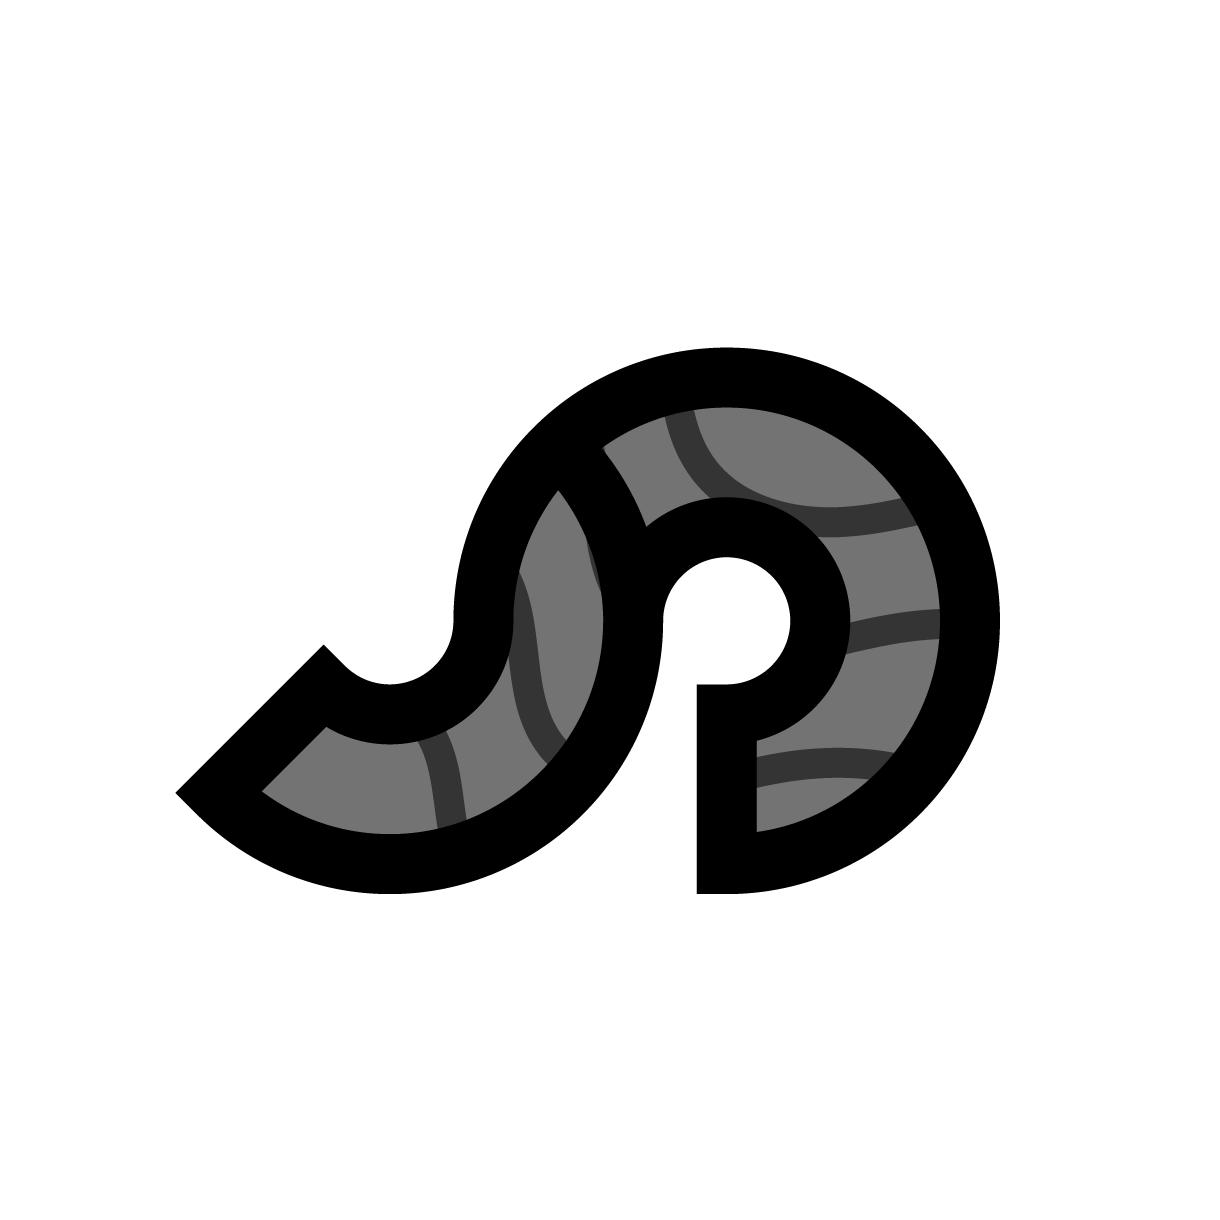 atlas_icon_gesture-01